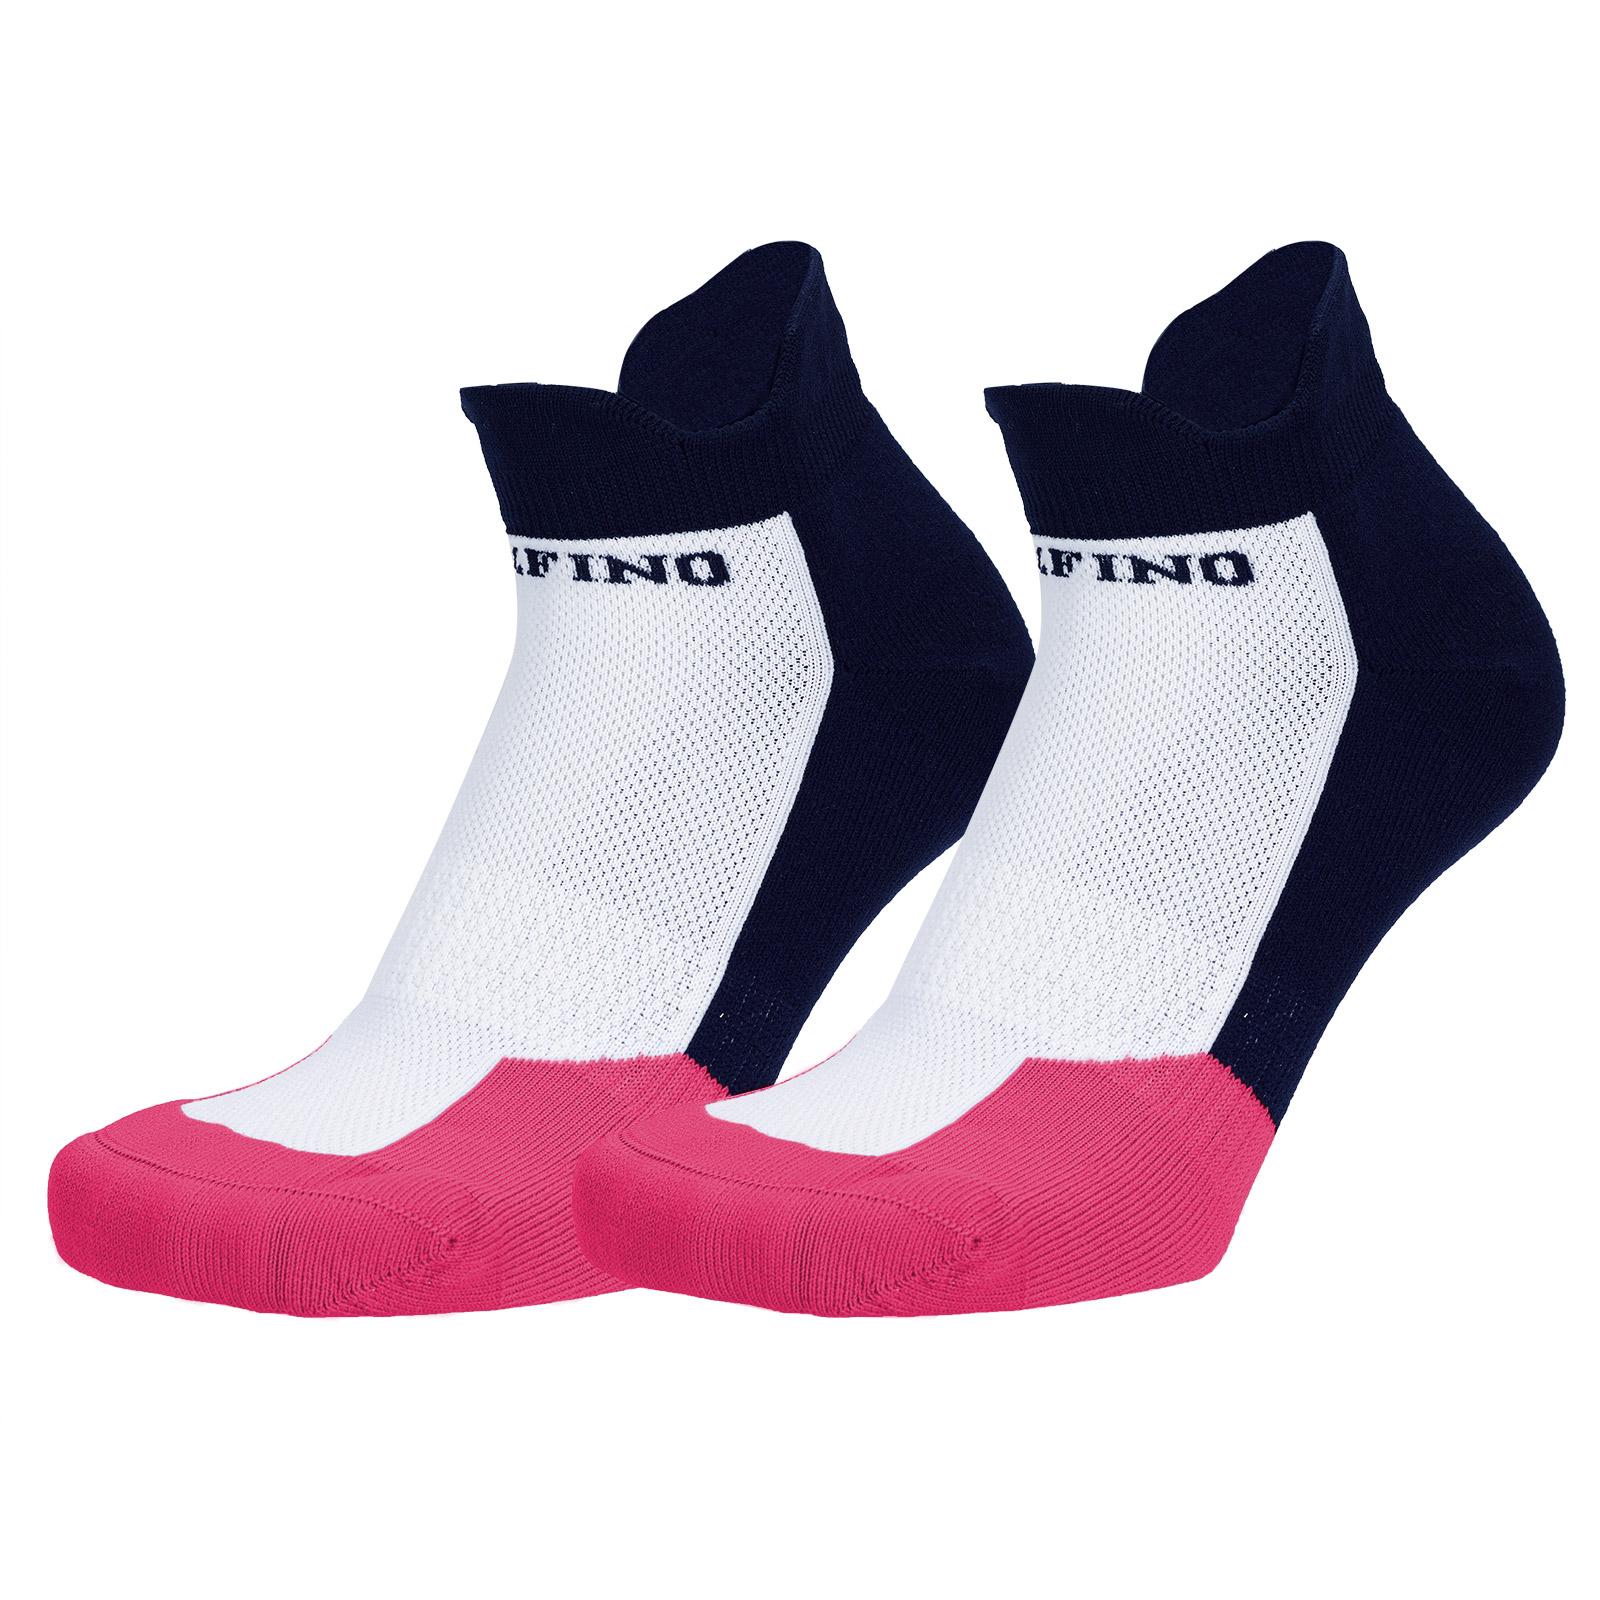 Atmungsaktive Damen Funktions-Golfsocken mit elastischen Bündchen